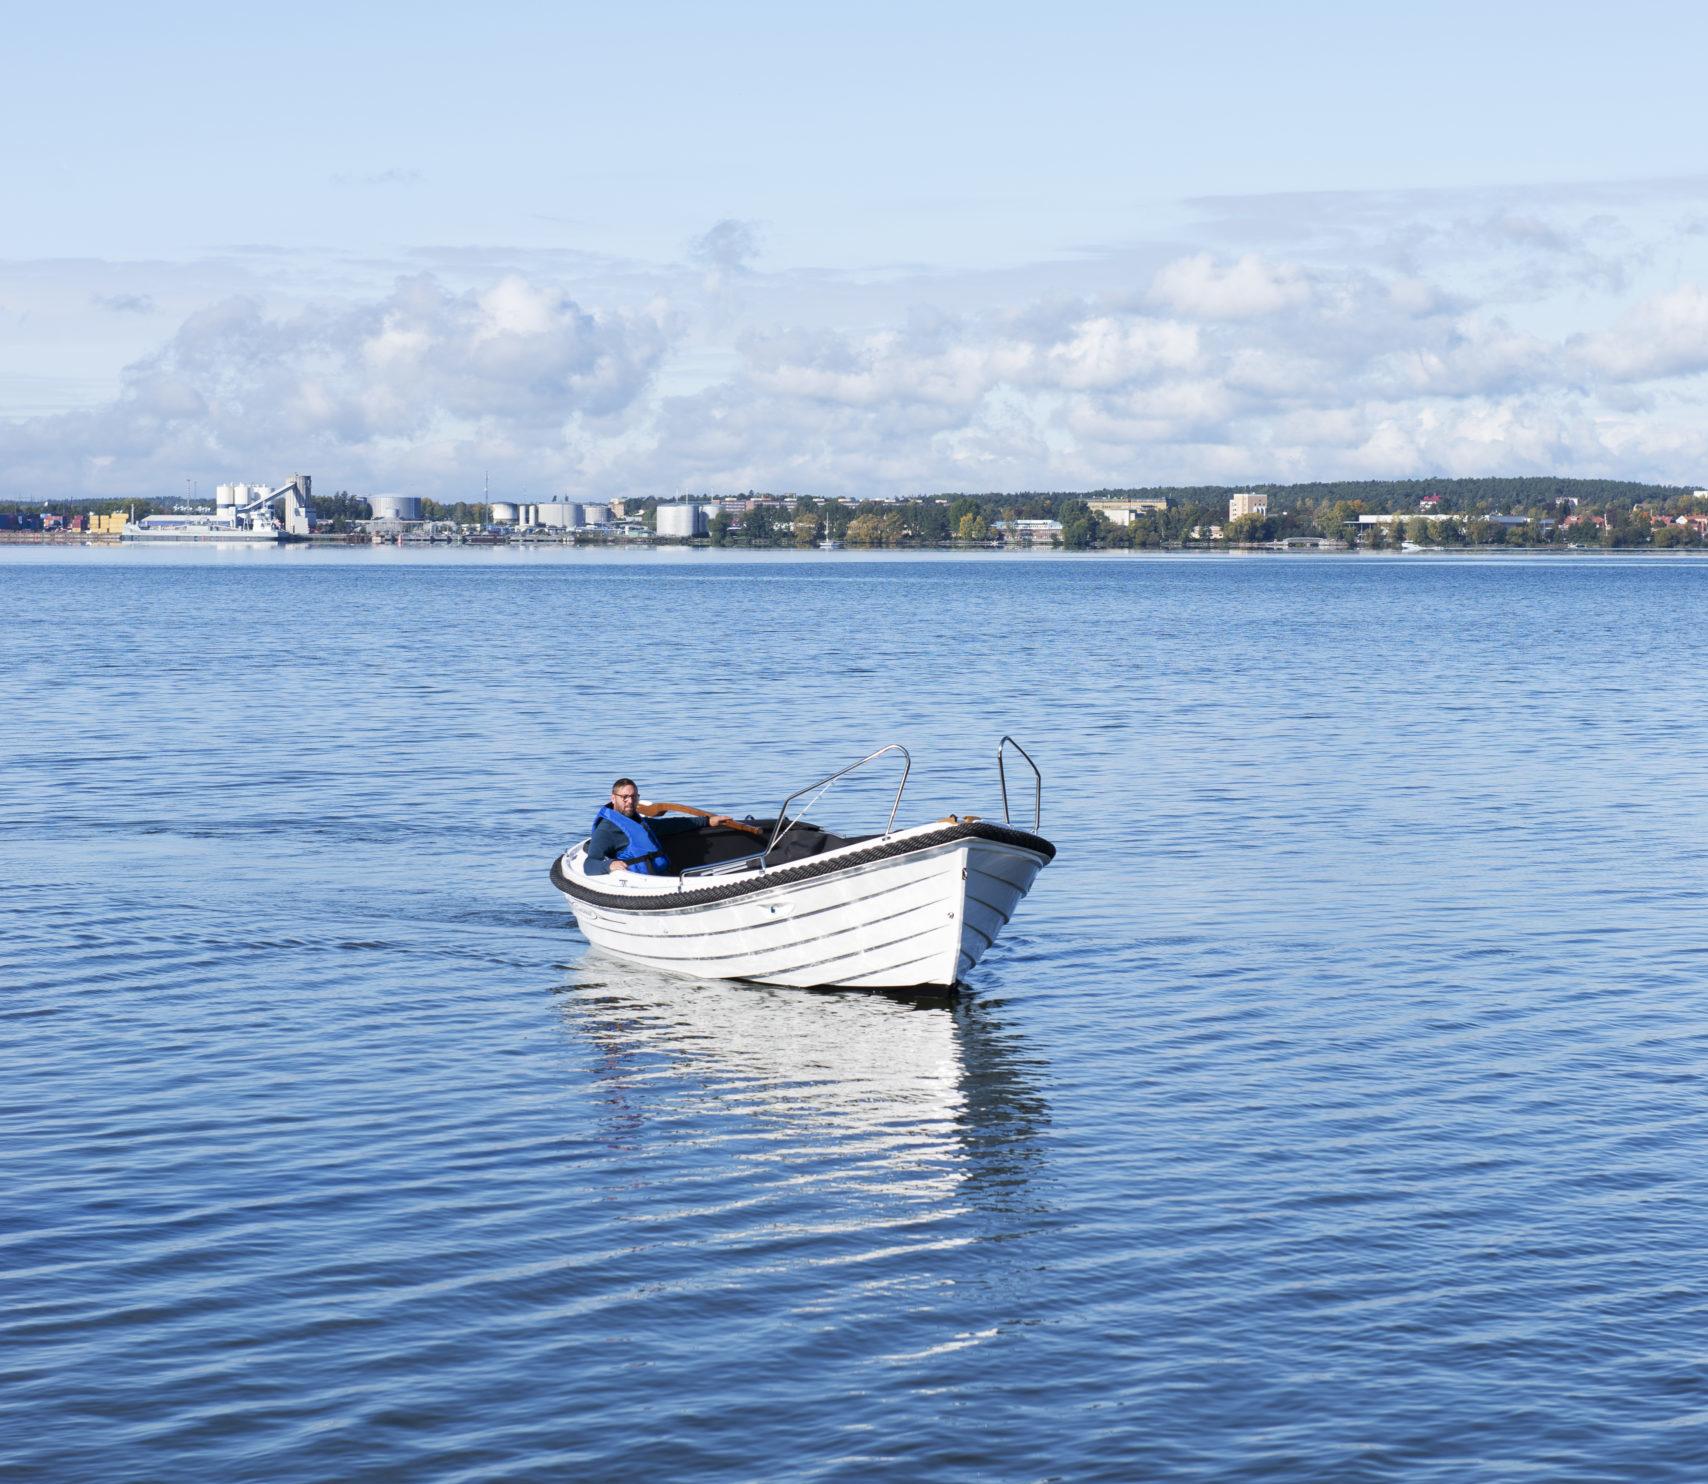 Hyr båt Västerås